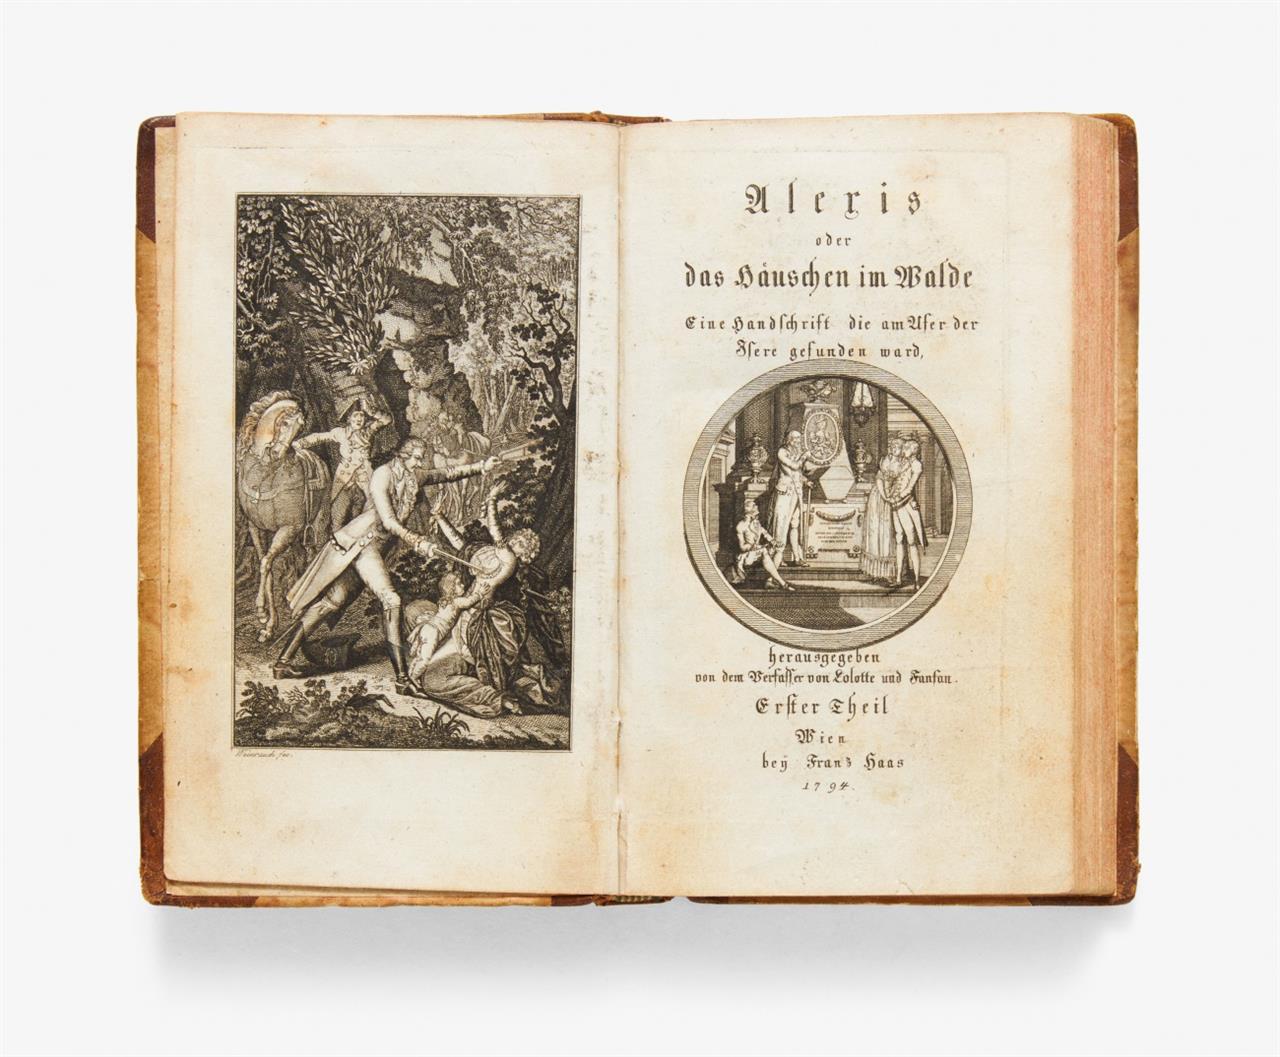 F. G. Ducray-Duminil, Alexis oder das Häuschen im Walde. (Dt. v. G. Schaz). 2 Bde. Wien 1793-94.